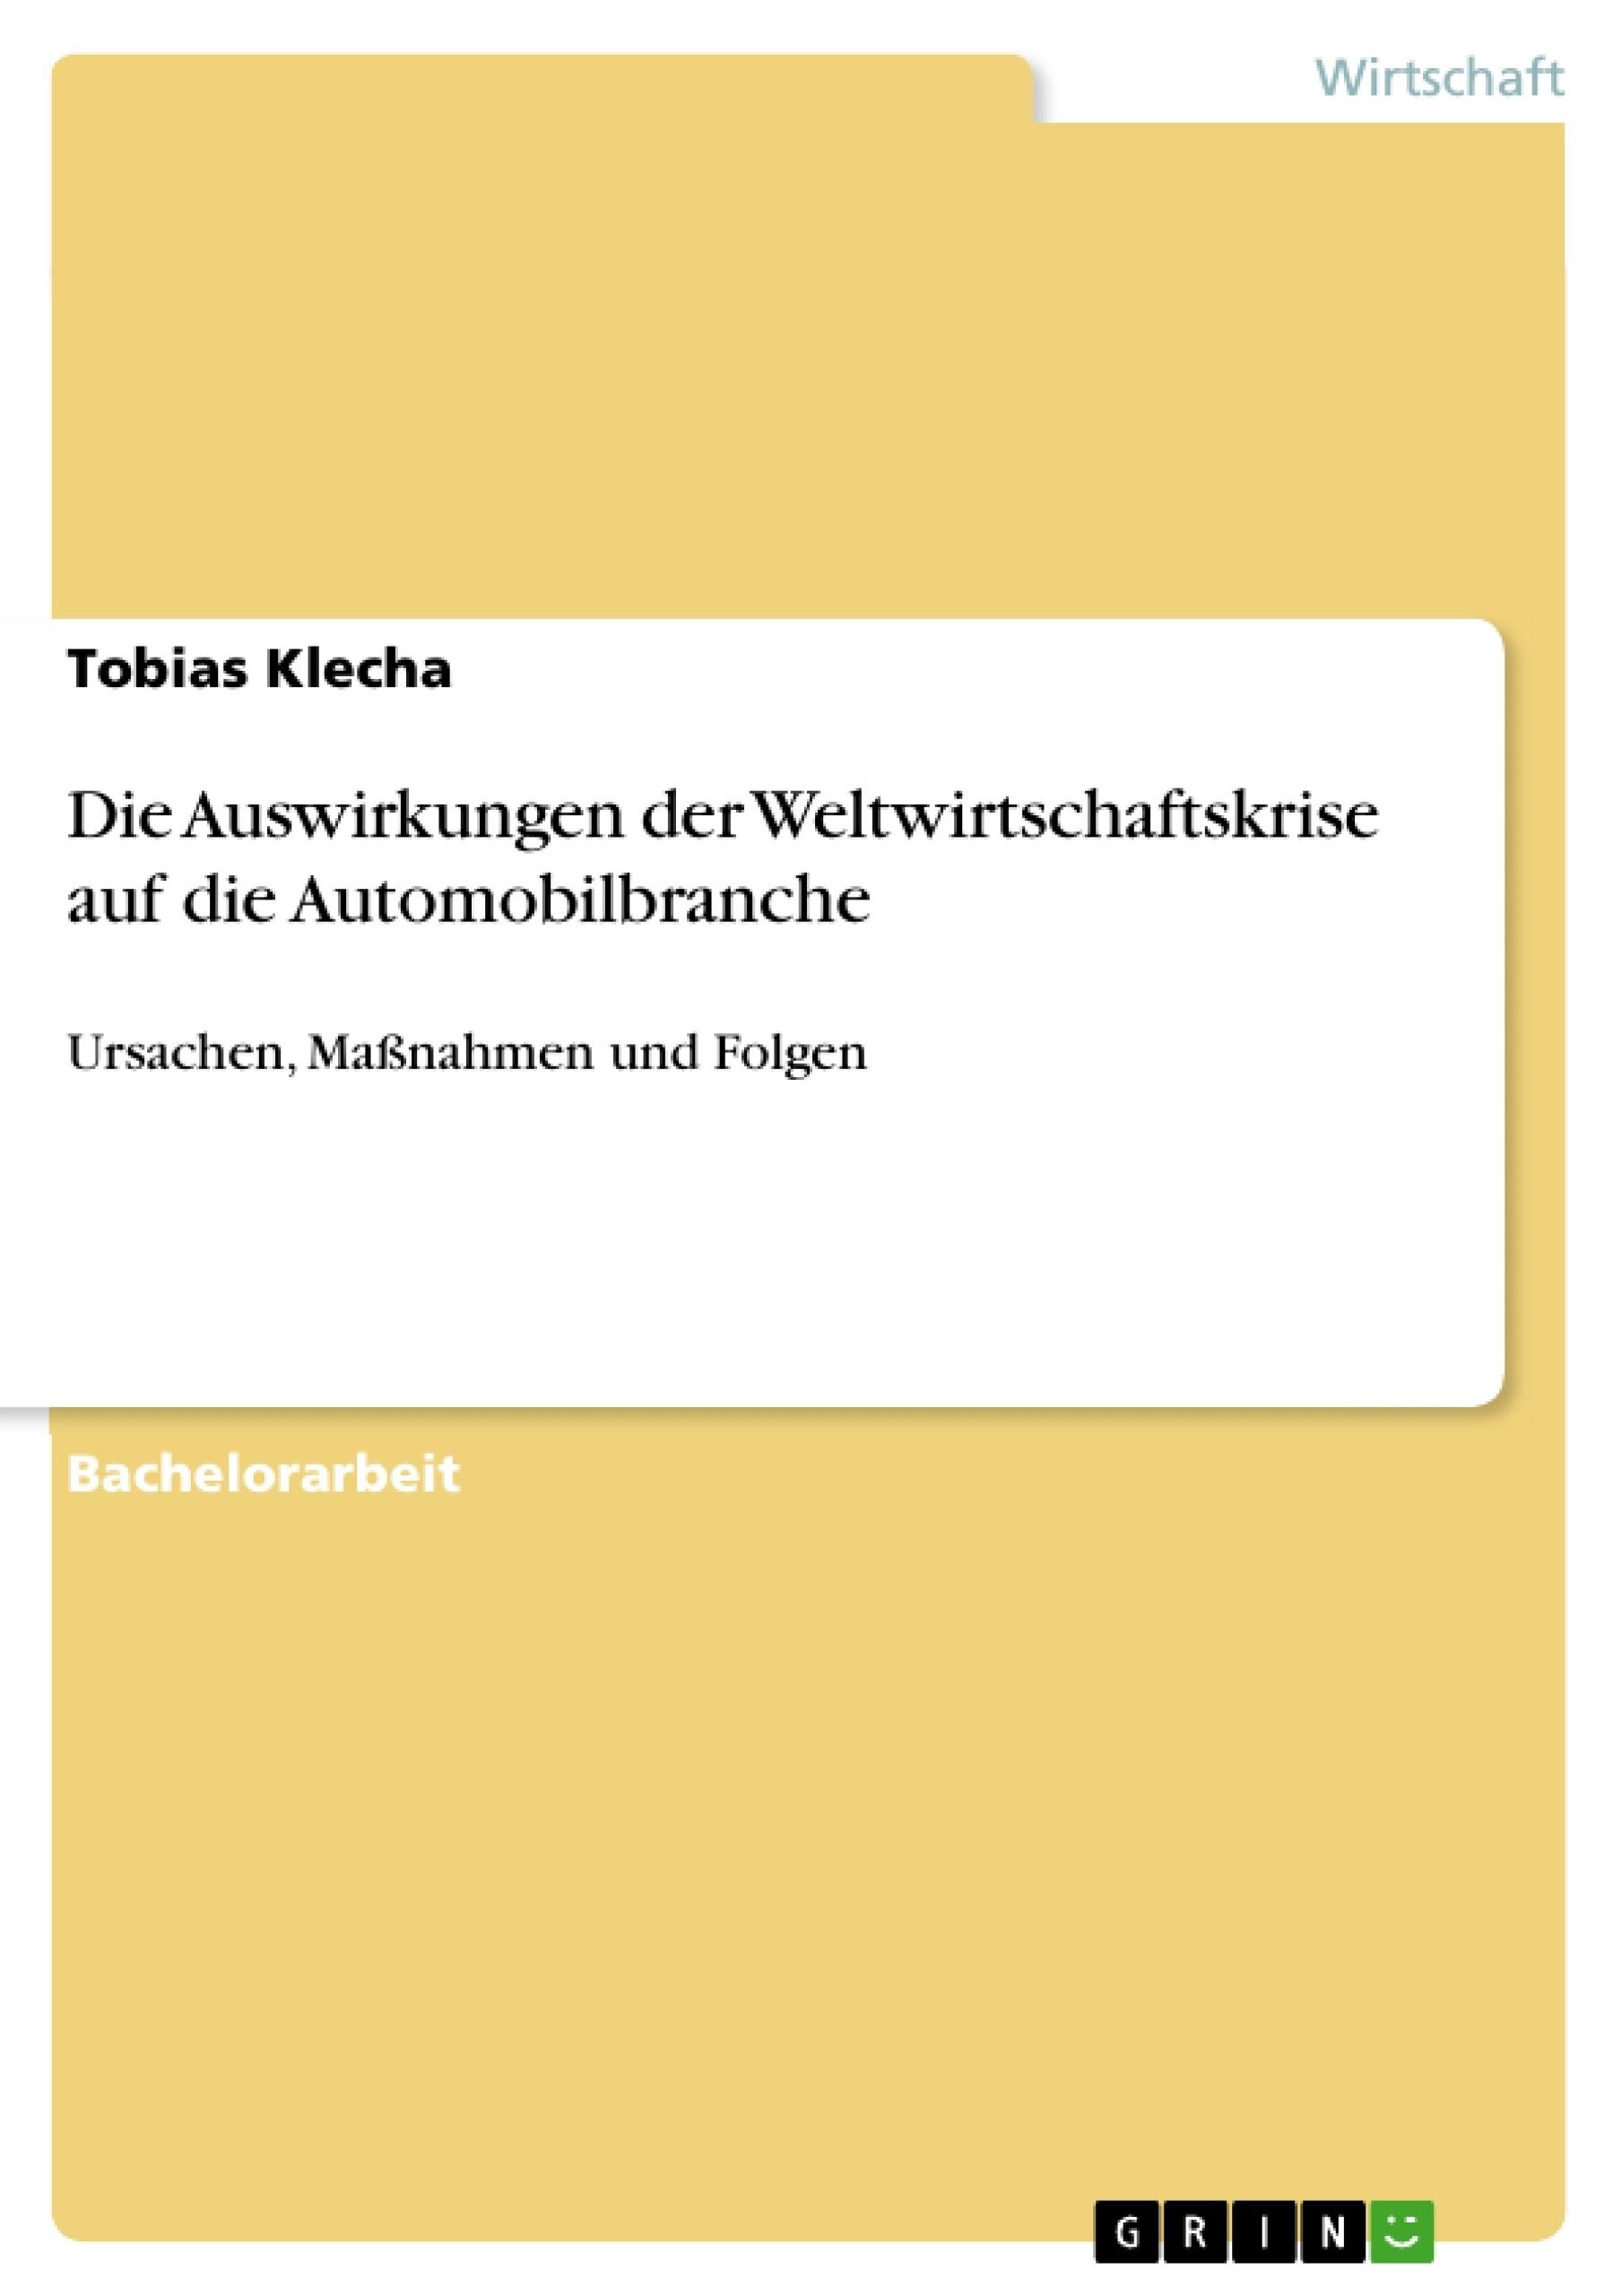 Titel: Die Auswirkungen der Weltwirtschaftskrise auf die Automobilbranche